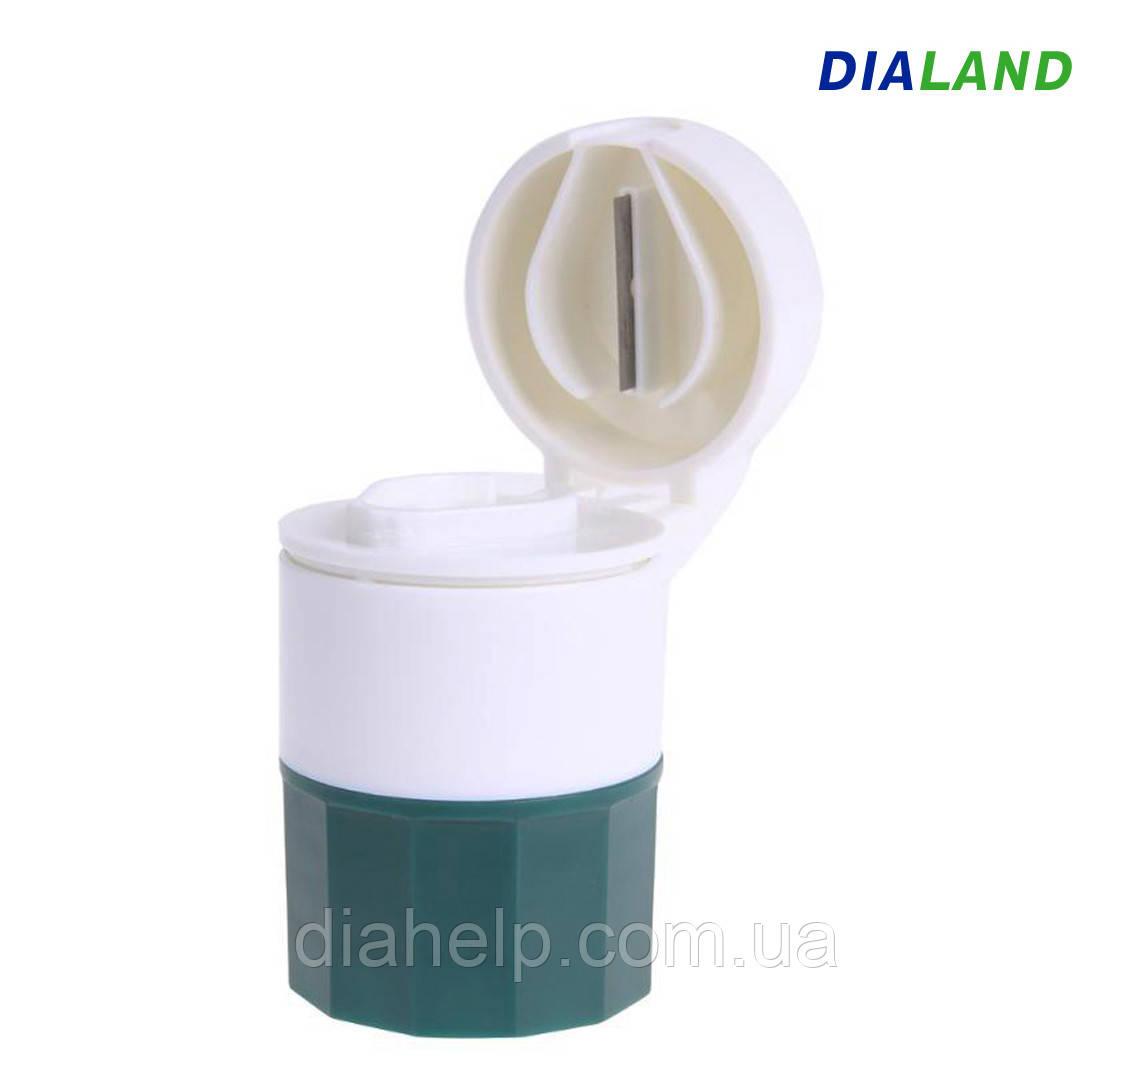 Разделитель Pill Box (устройство для деления таблеток на части)